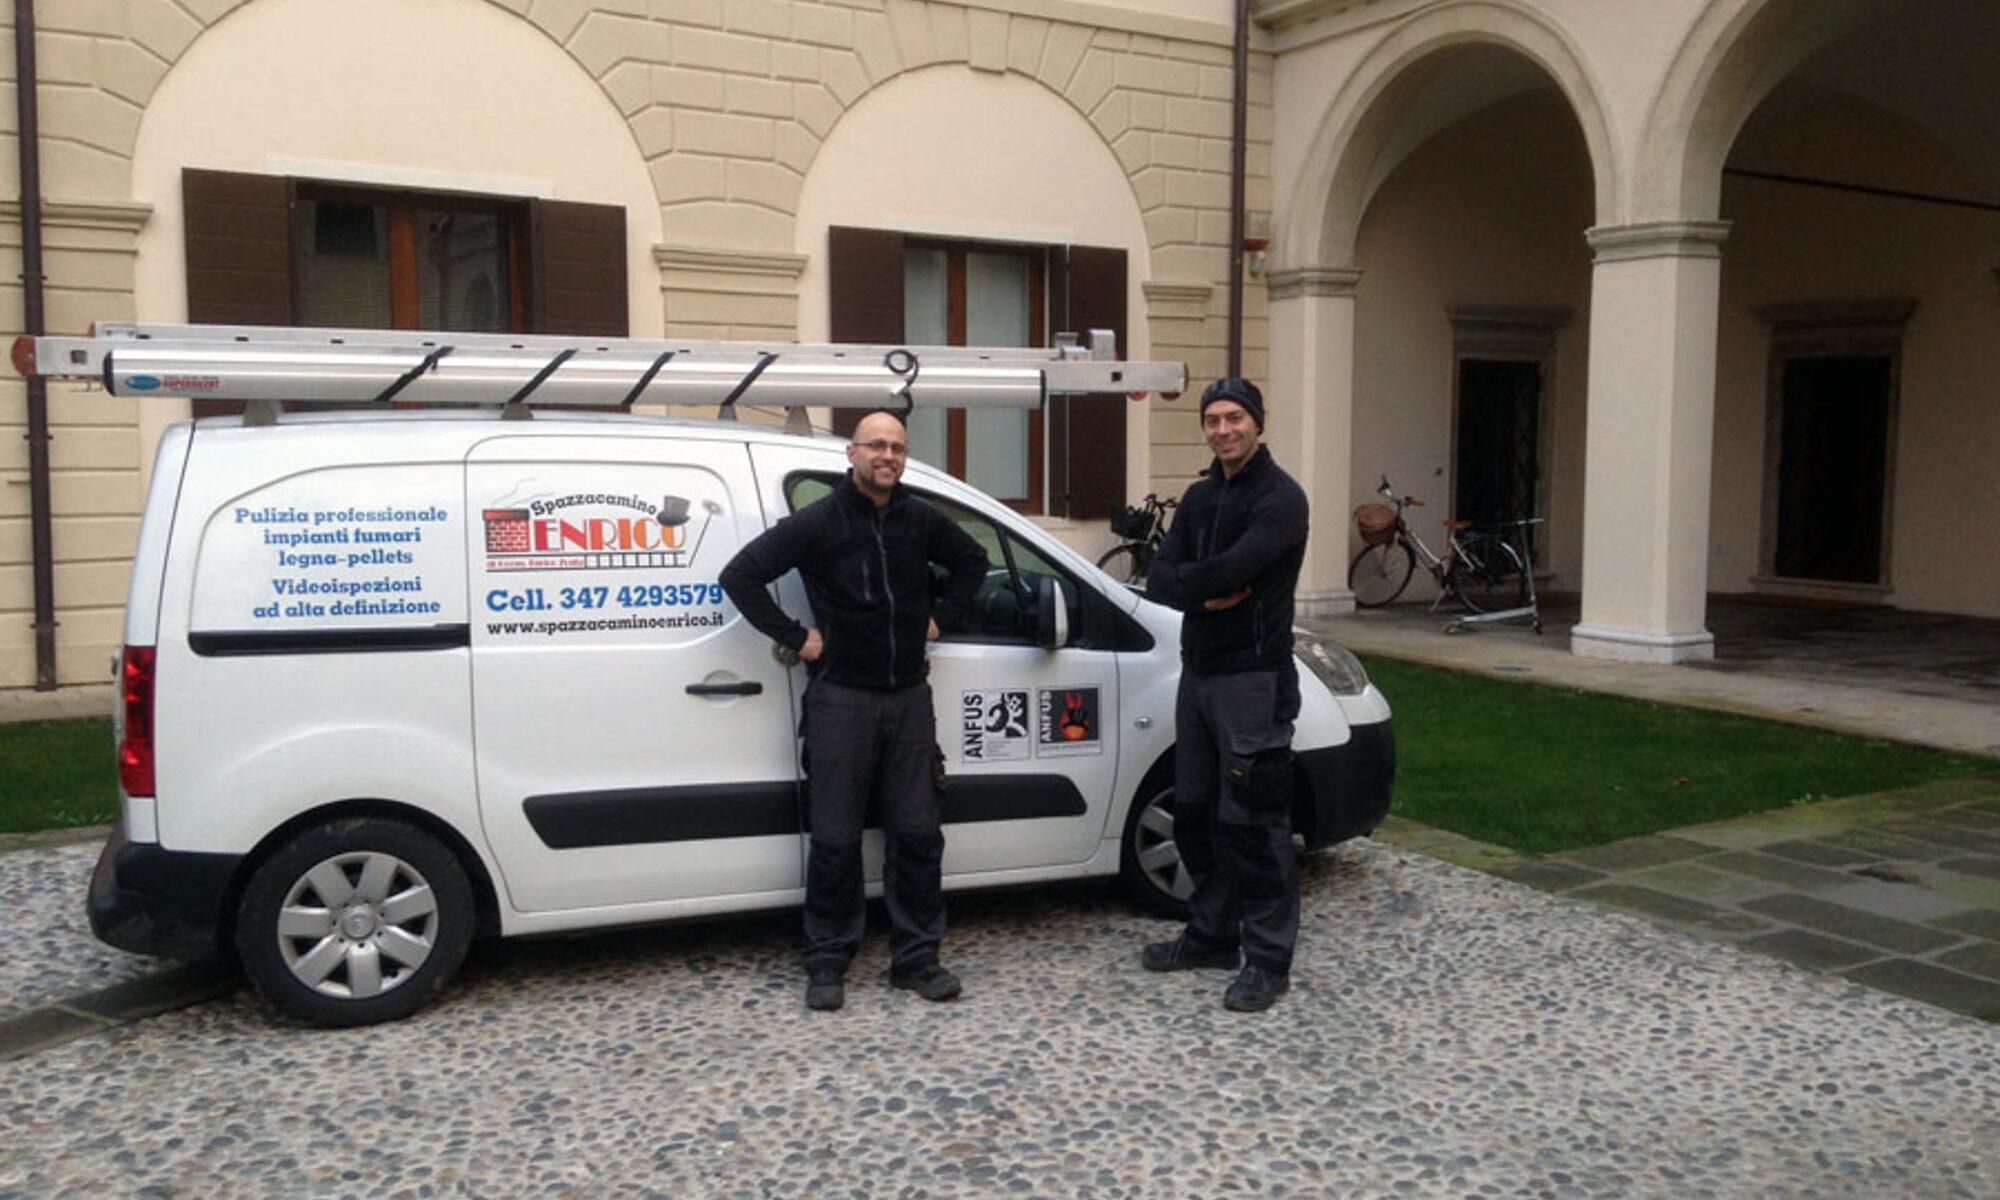 Video-ispezione-Padova-tubazioni-condominiali-cabine-di-scarico-pluviali-condotte-fognarie